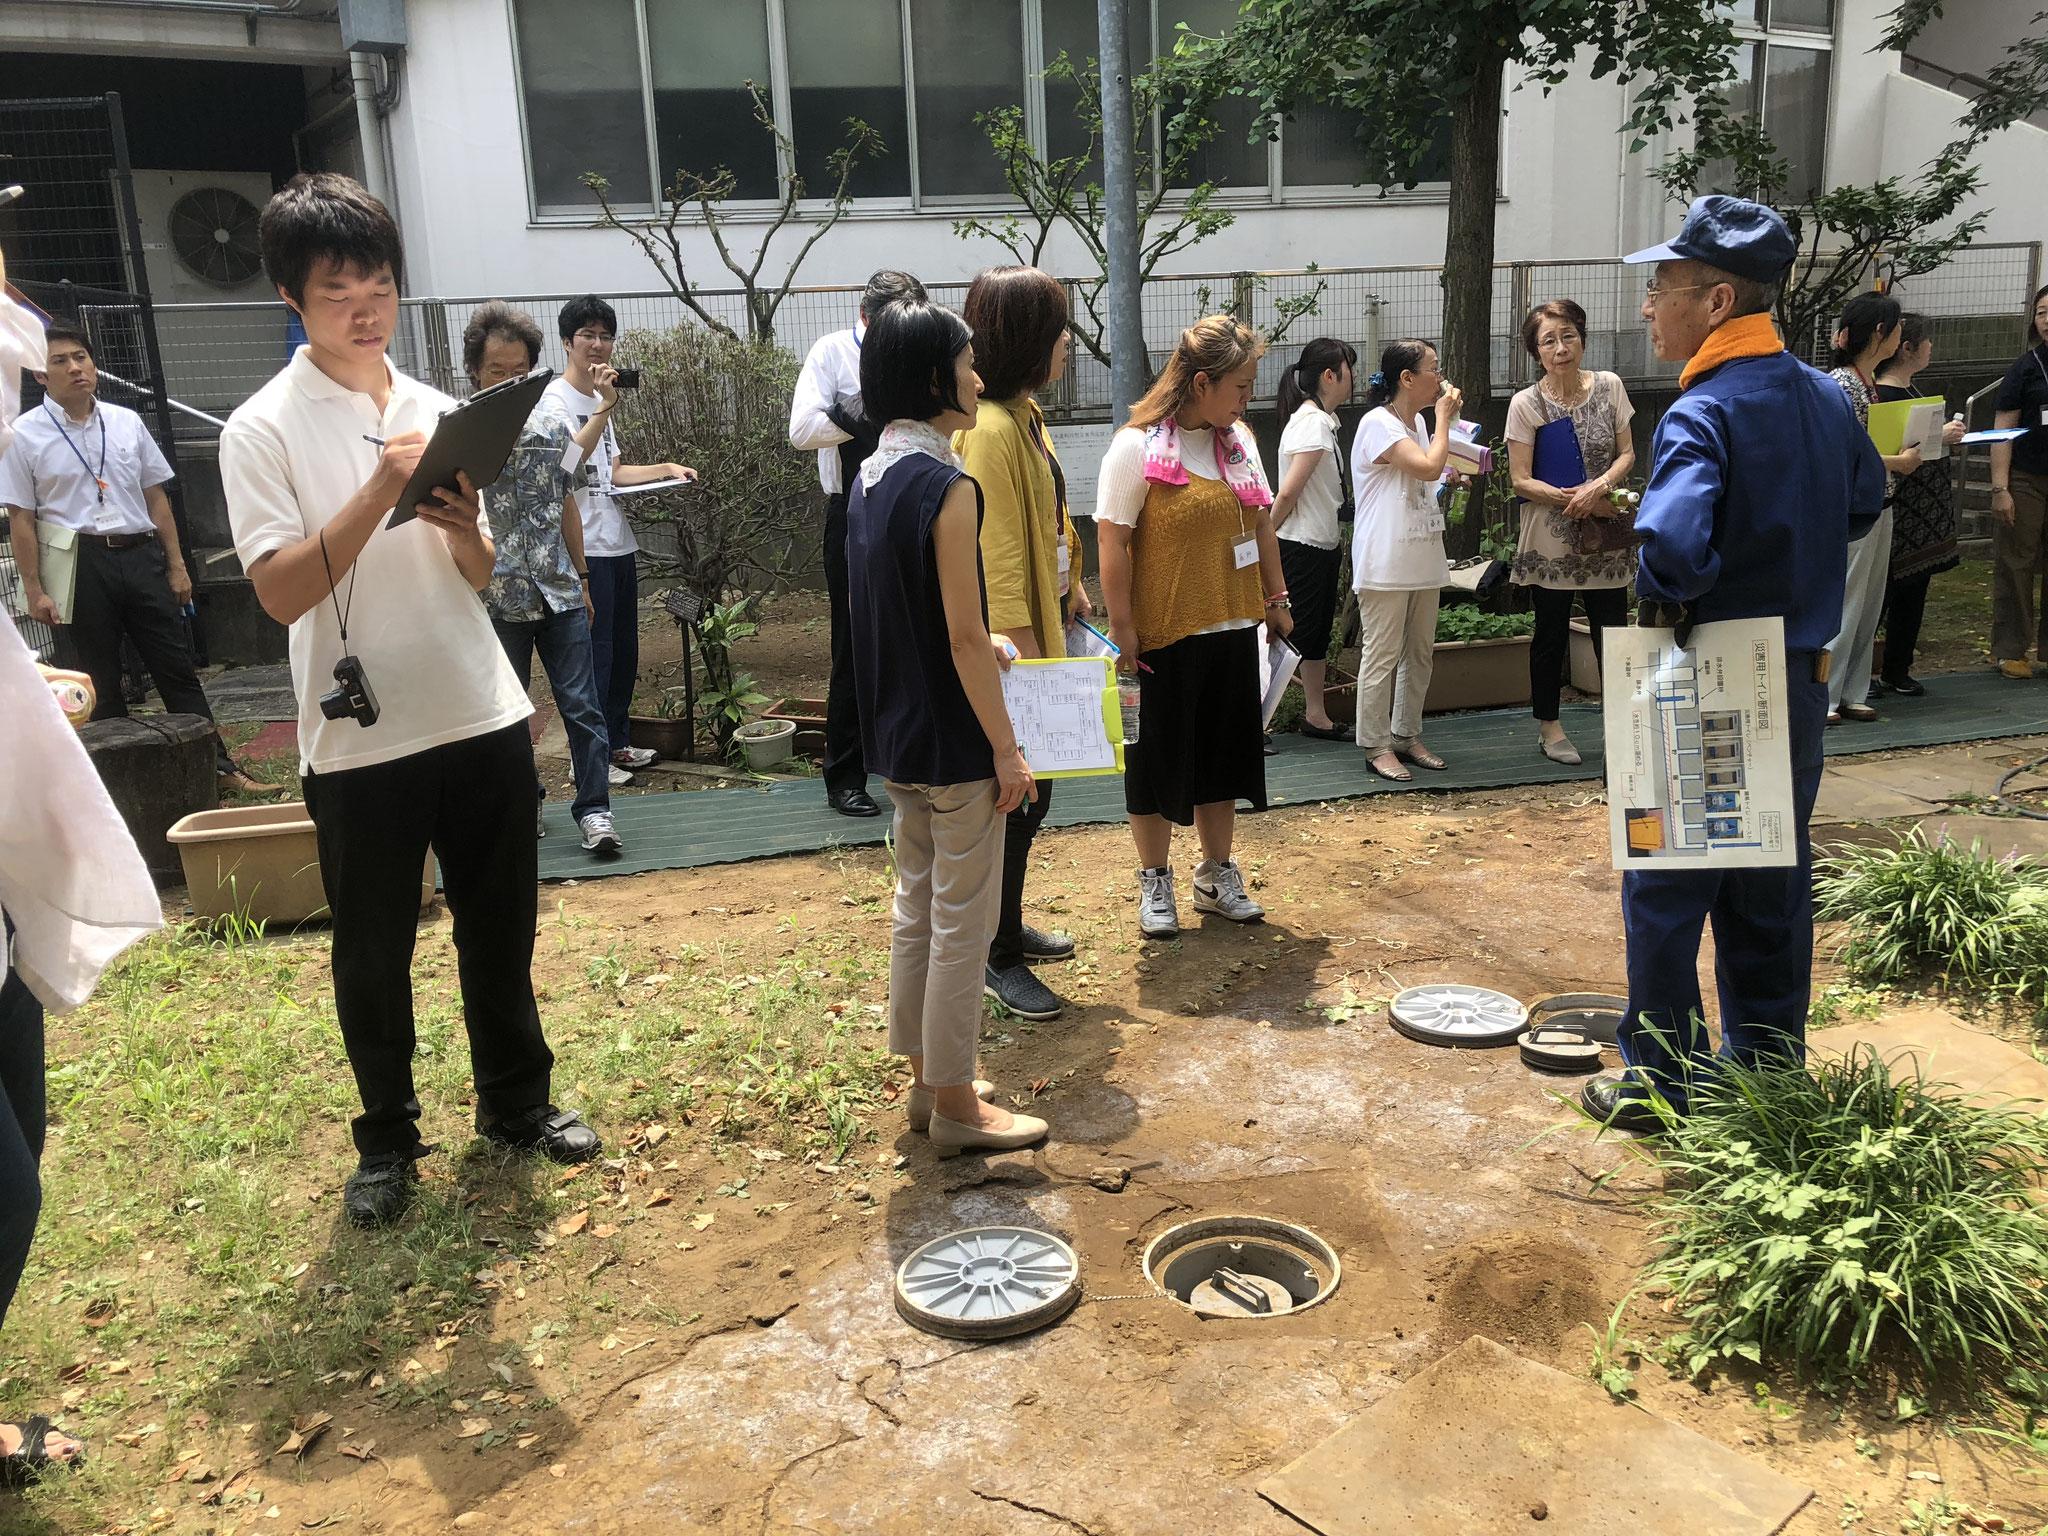 新宿区女性をはじめ配慮を要する方の視点でのワークショップ(マンホールトイレ見学)